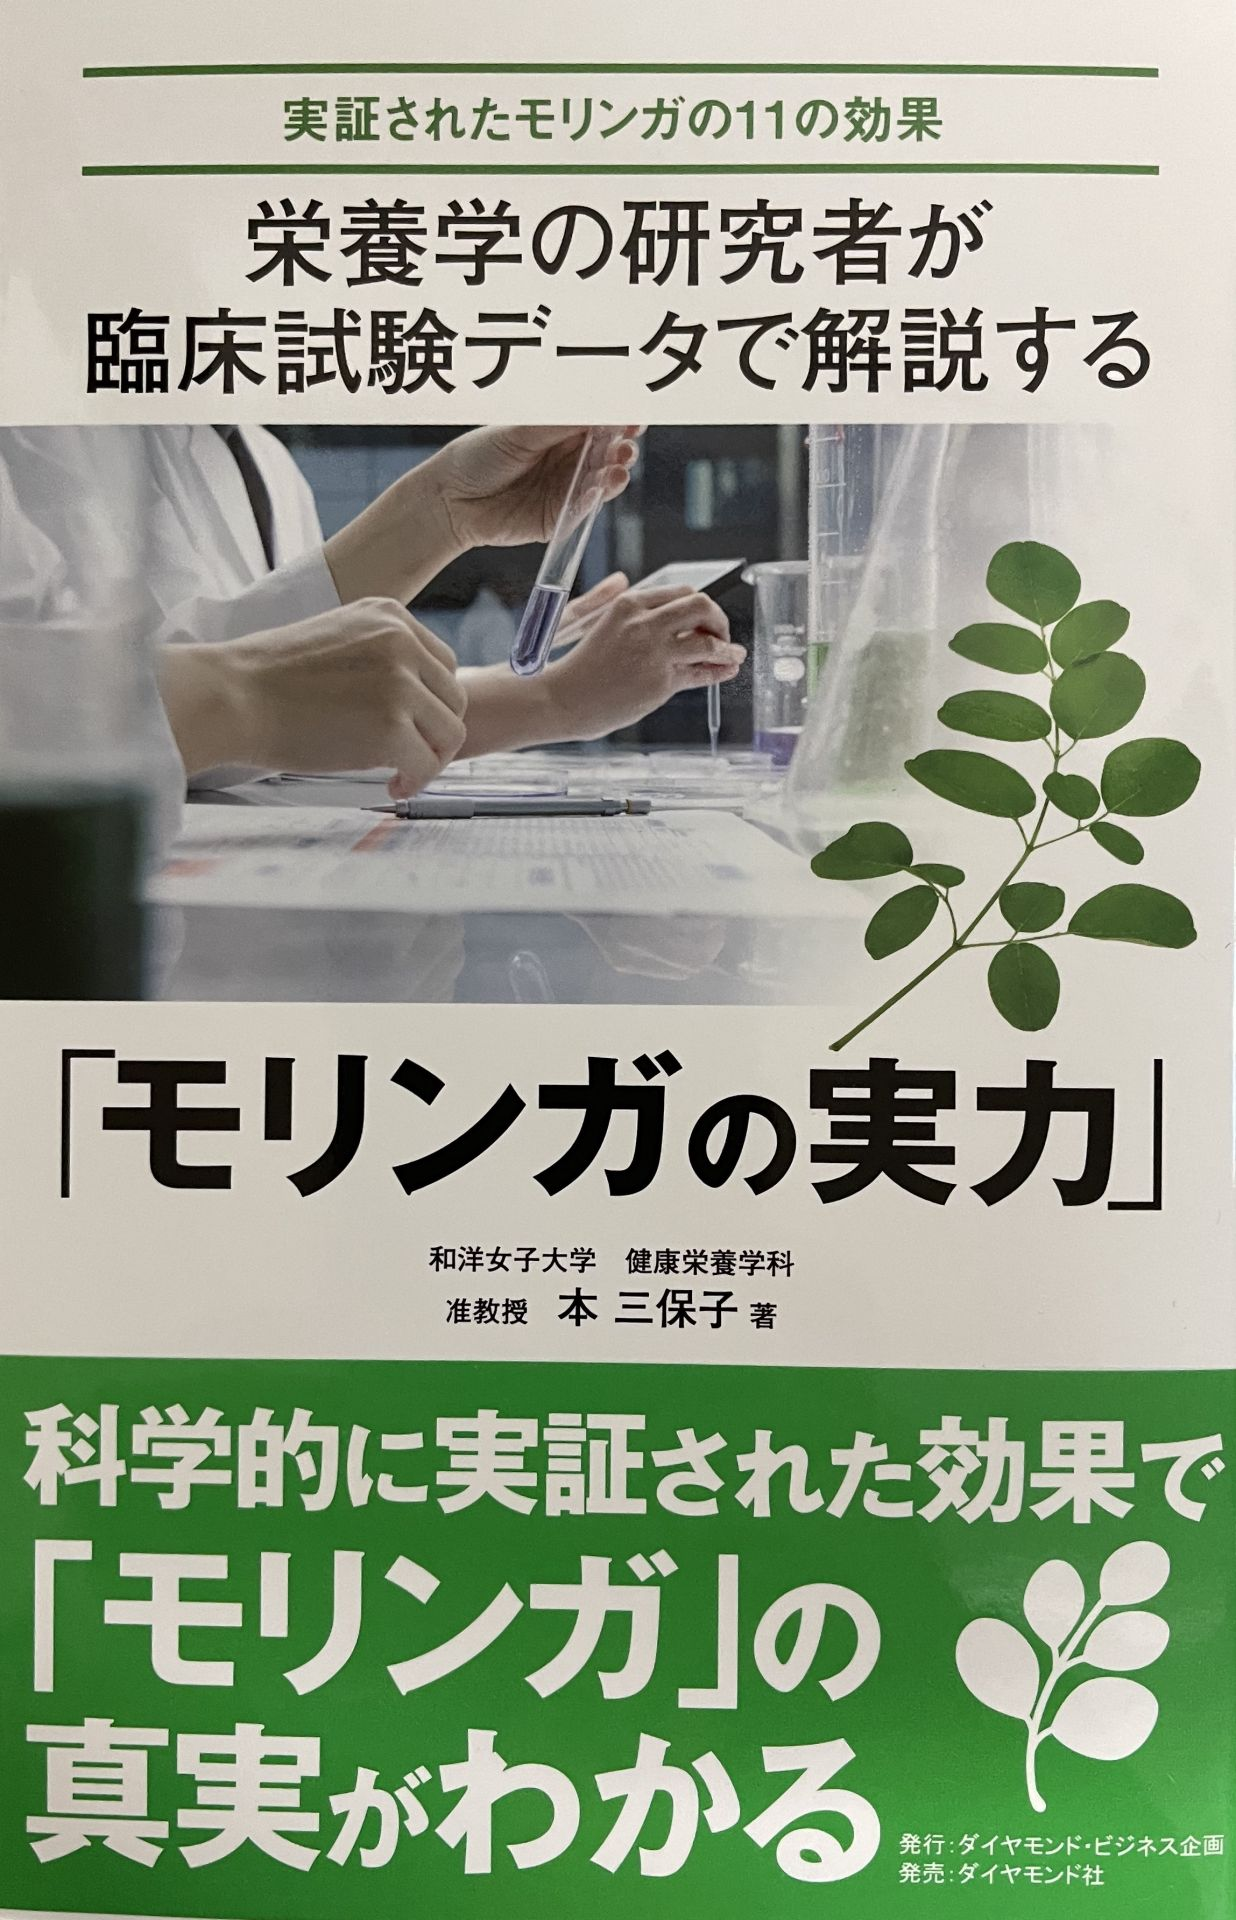 効果 モリンガ